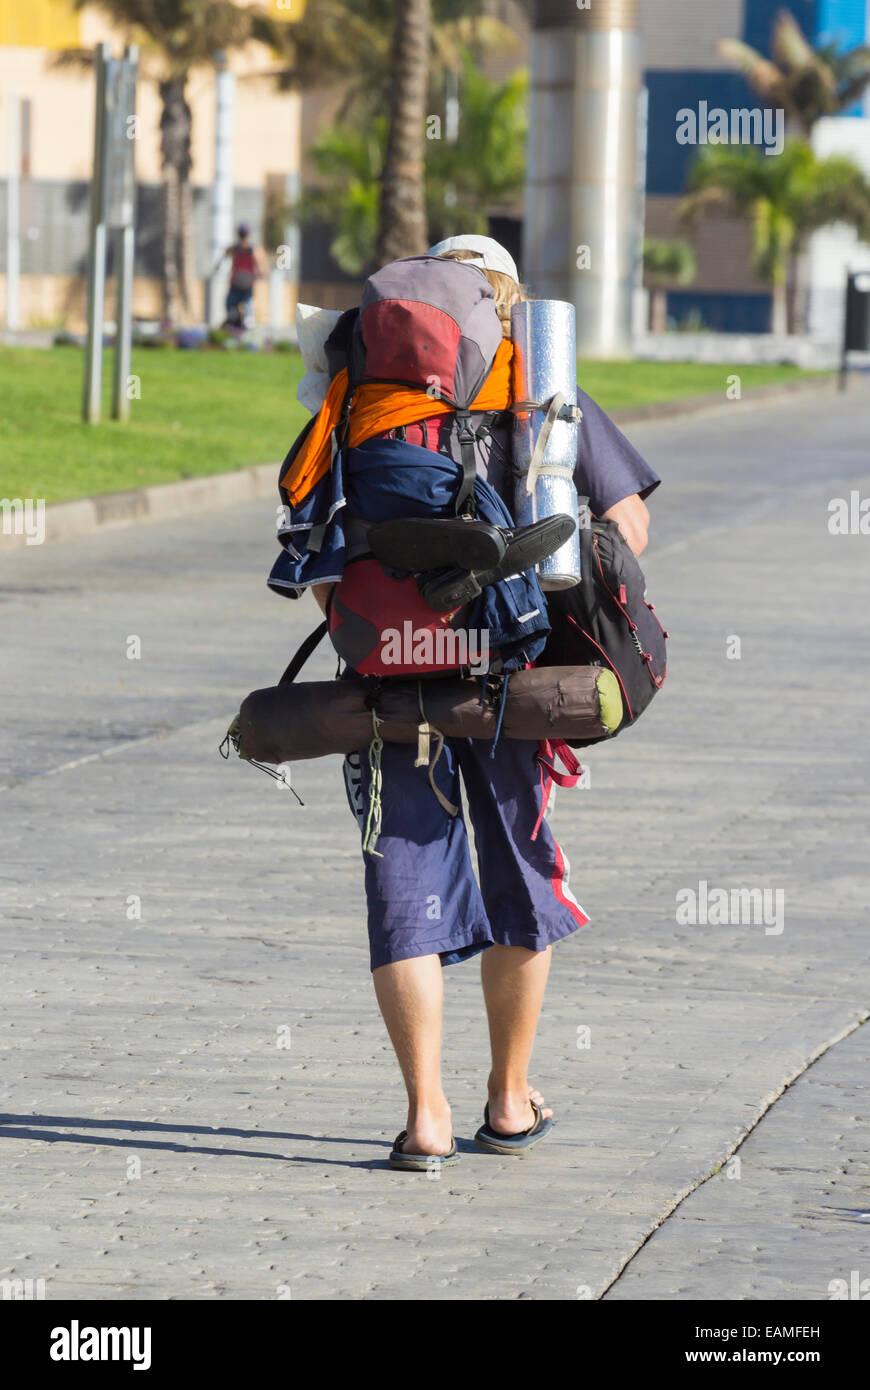 Joven con mochila grande llevar equipo para acampar en España Imagen De Stock